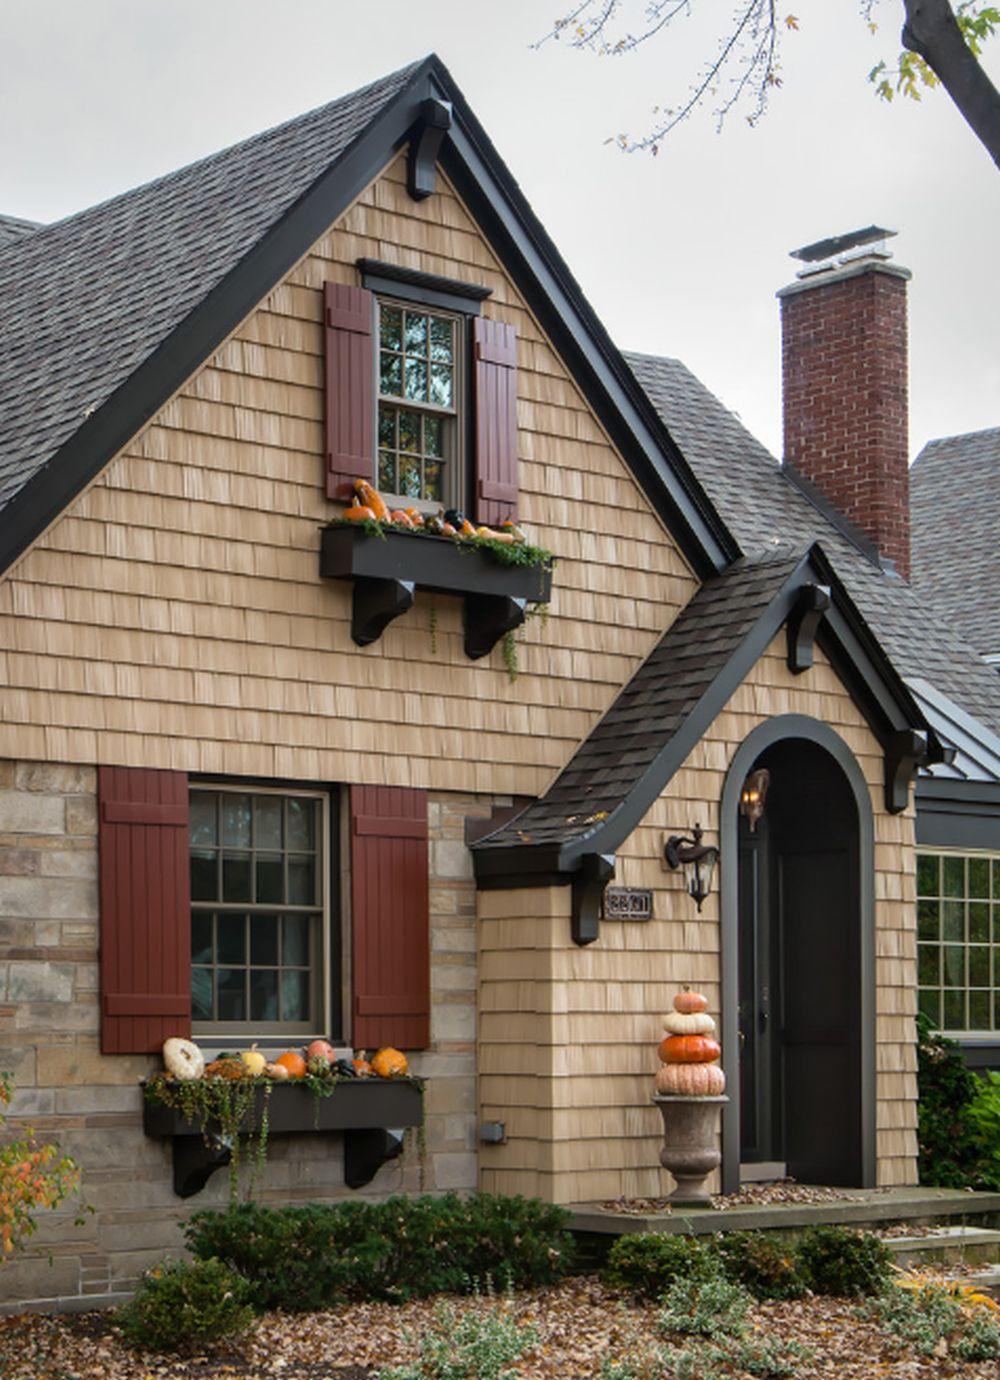 adelaparvu-com-despre-renovare-casa-bungalou-sua-design-mainstreet-design-build-foto-kate-benjamin-3